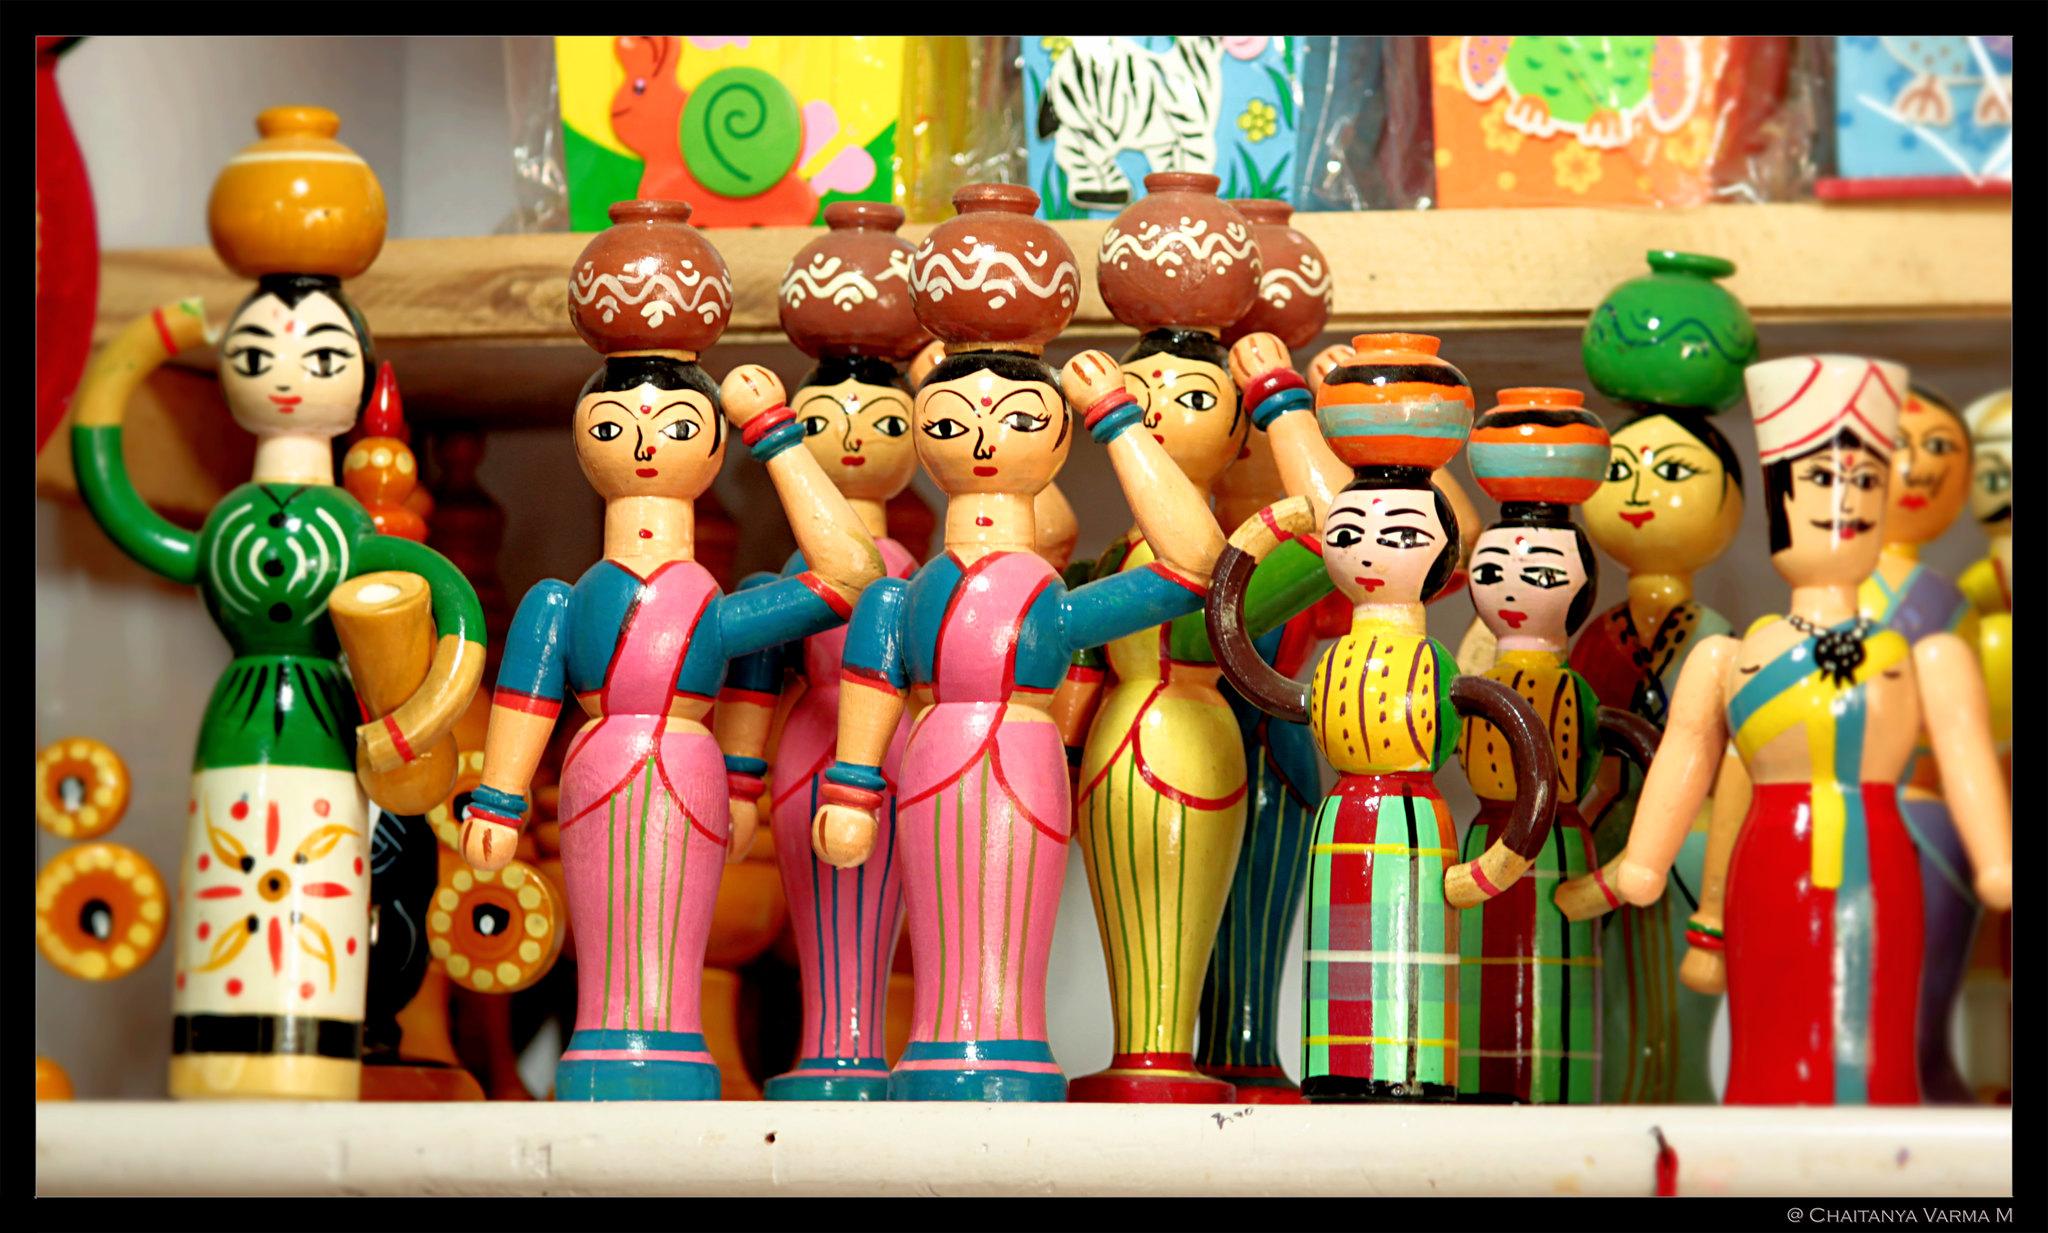 Ramanagar toys